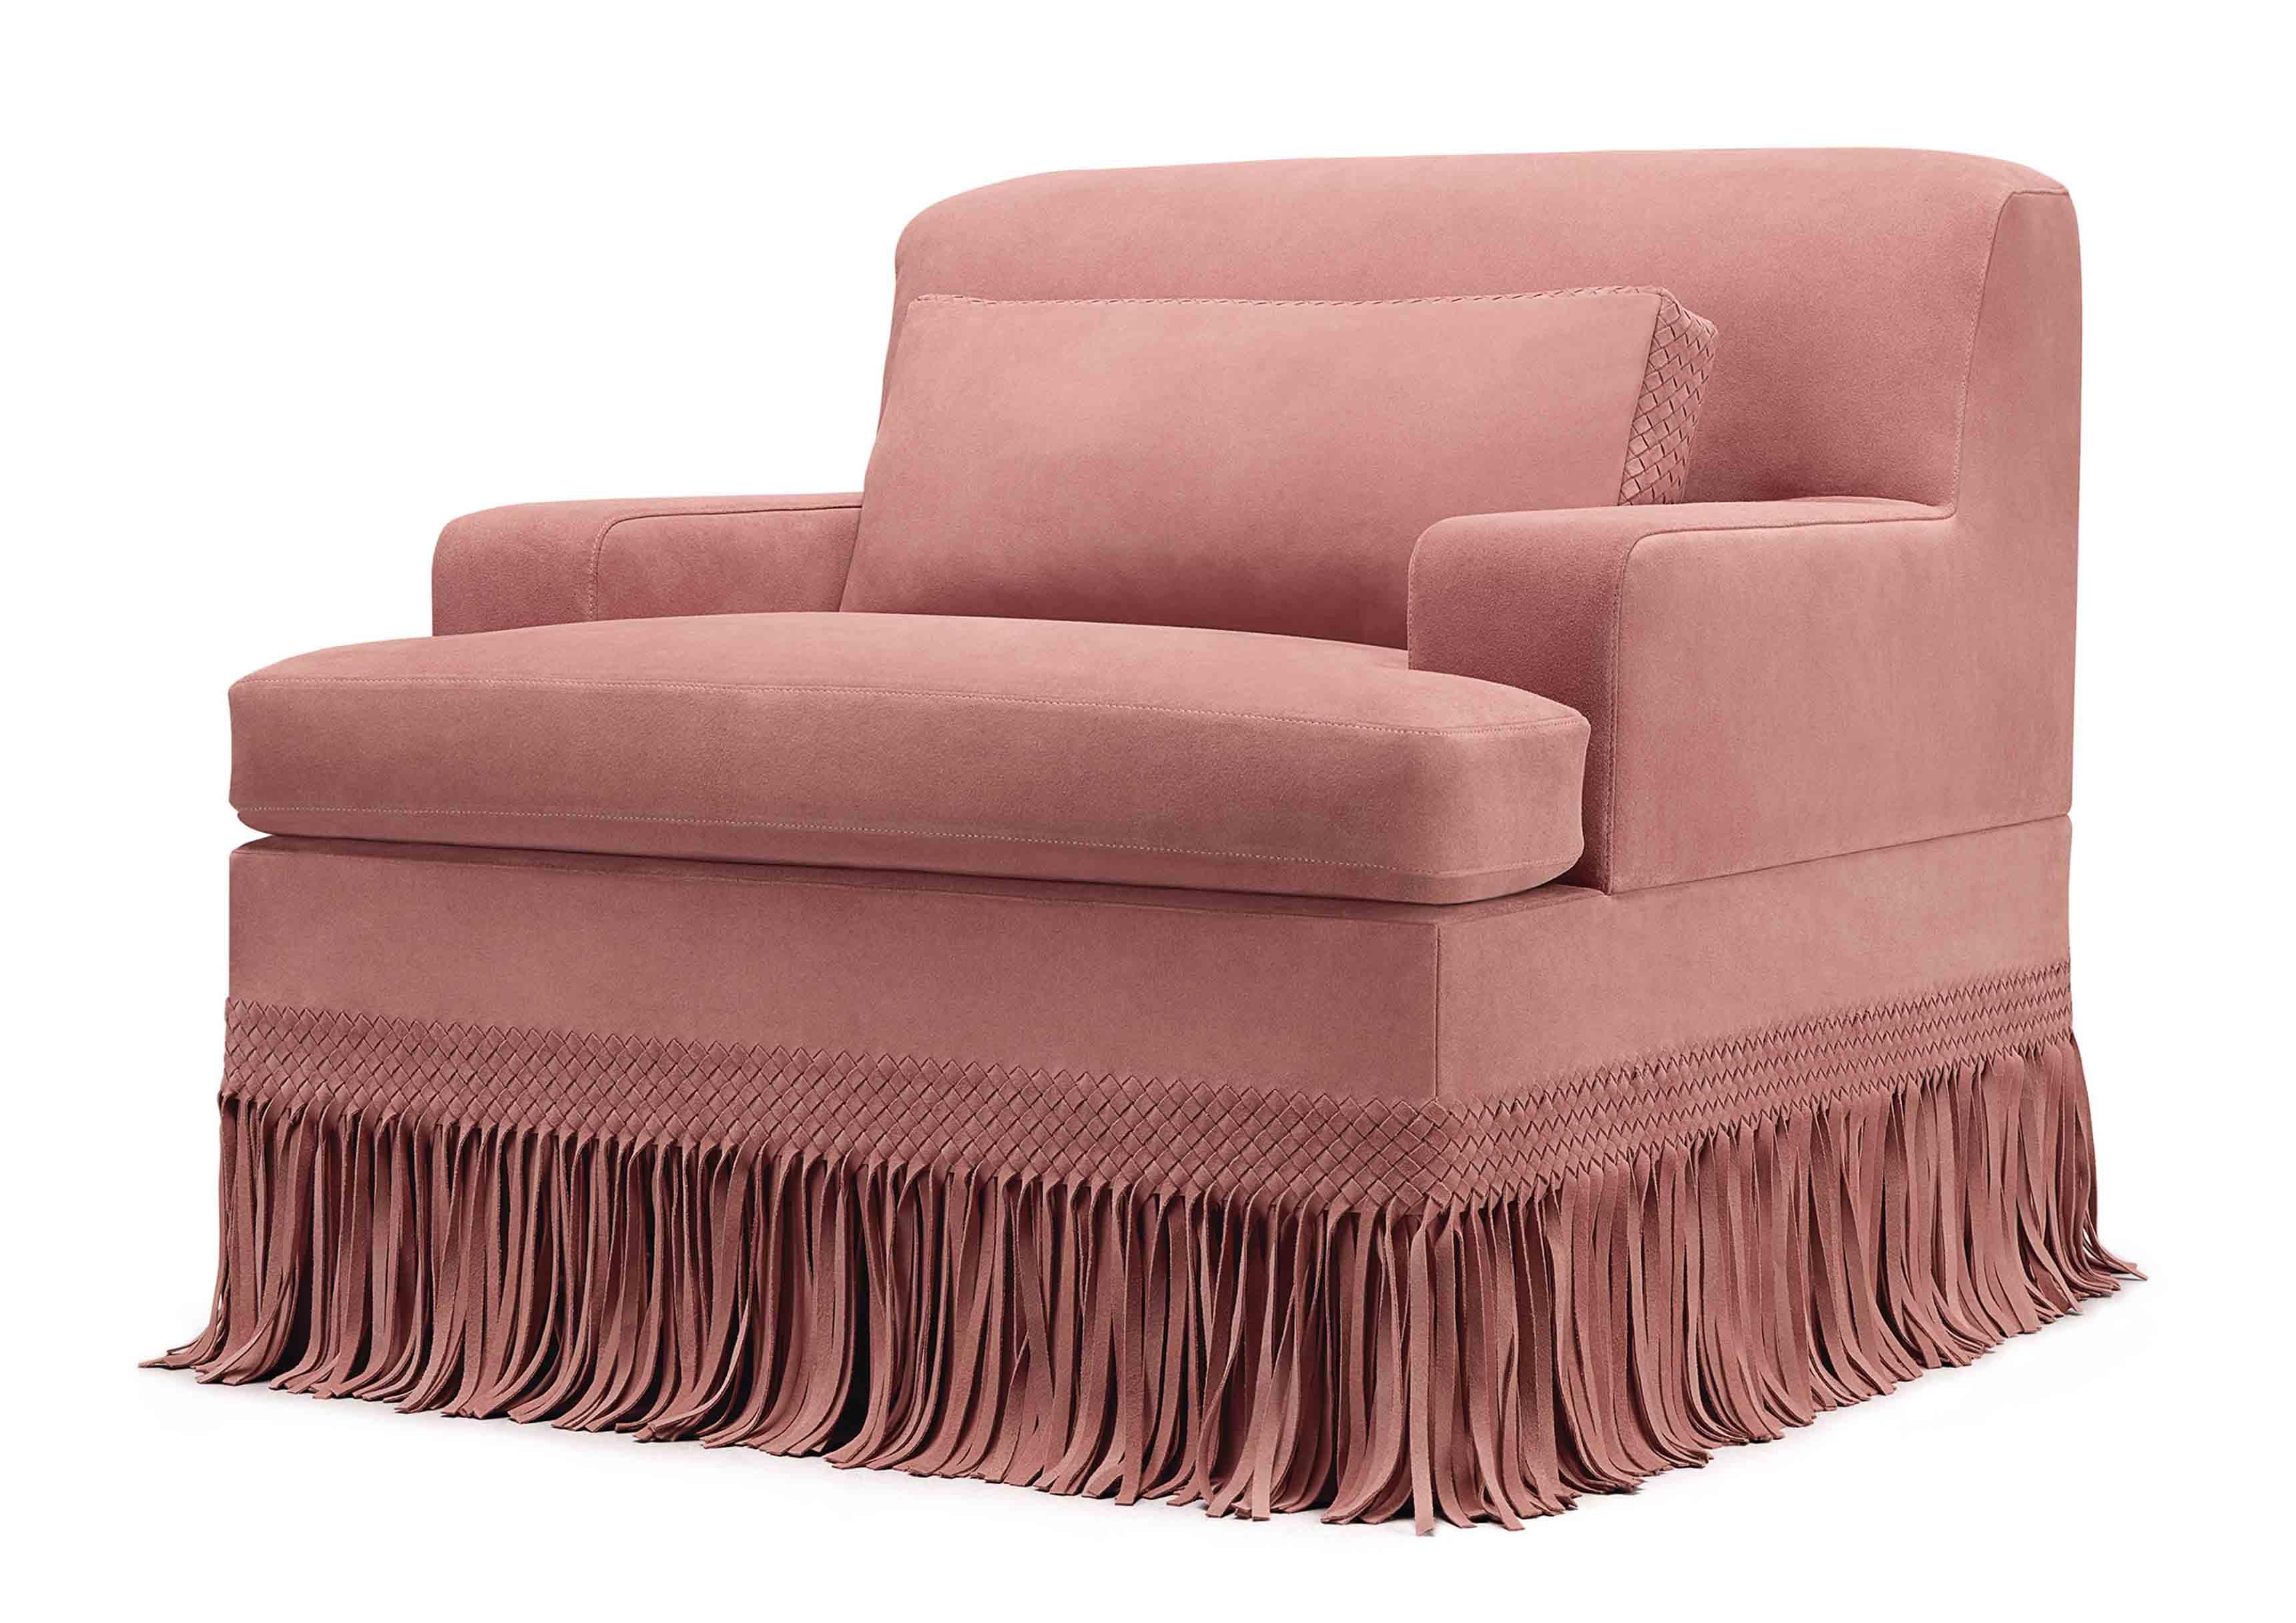 Fauteuil issue de la nouvelle collection Maison de Bottega Veneta, à l'occasion du Salone del Mobile de Milan.